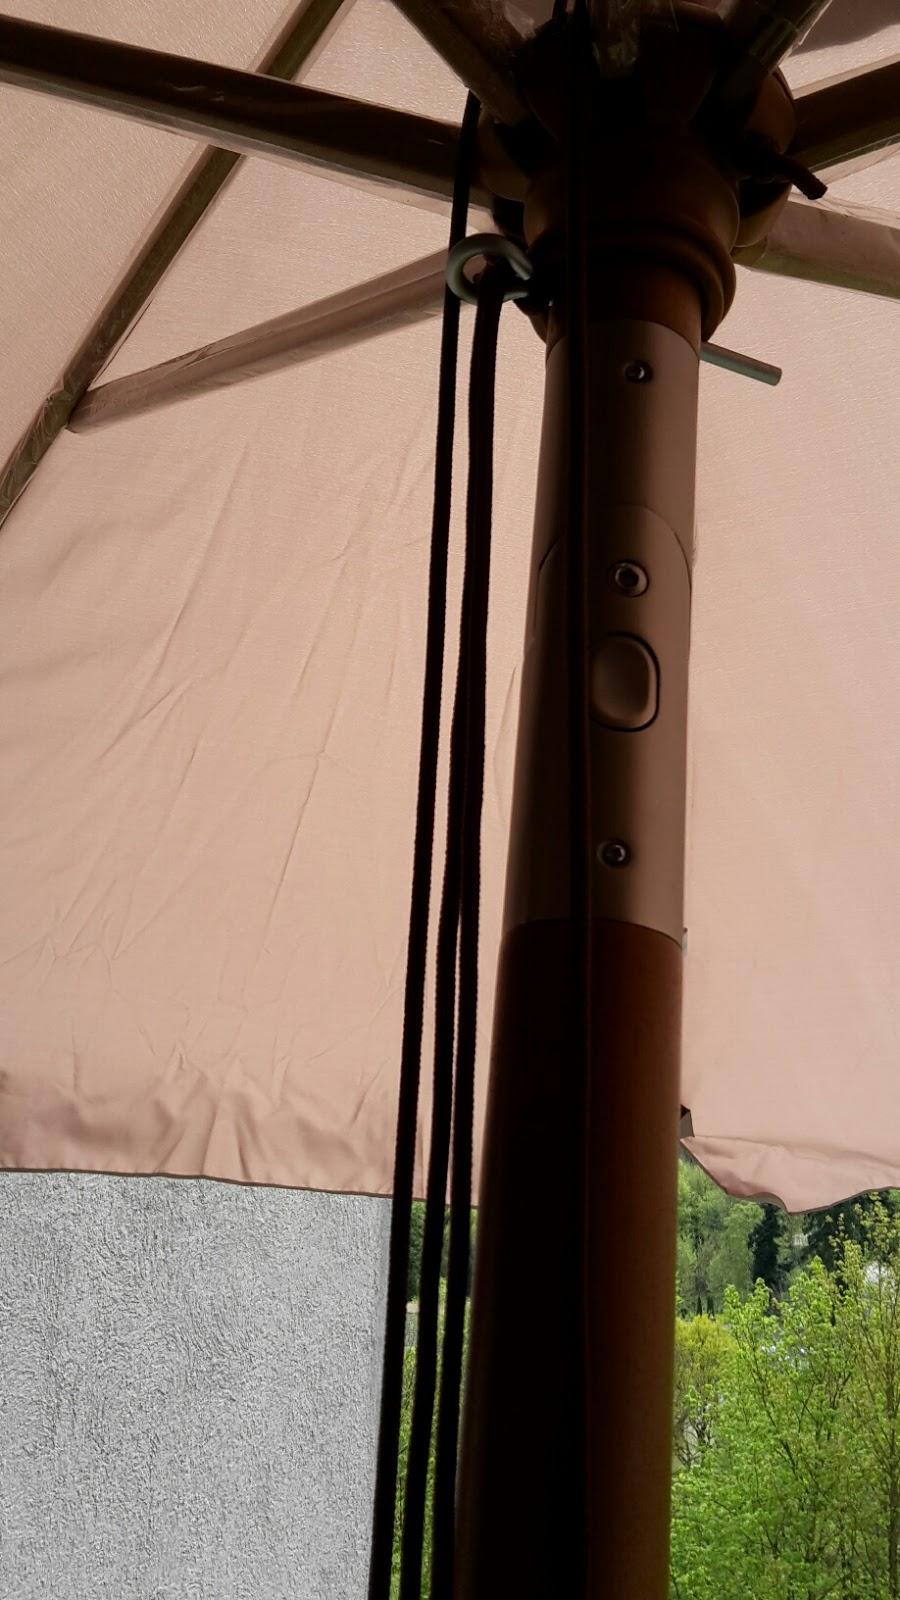 lahr2006 testet sekey sonnenschirm 300 cm holz sonnenschirm marktschirm gartenschirm. Black Bedroom Furniture Sets. Home Design Ideas